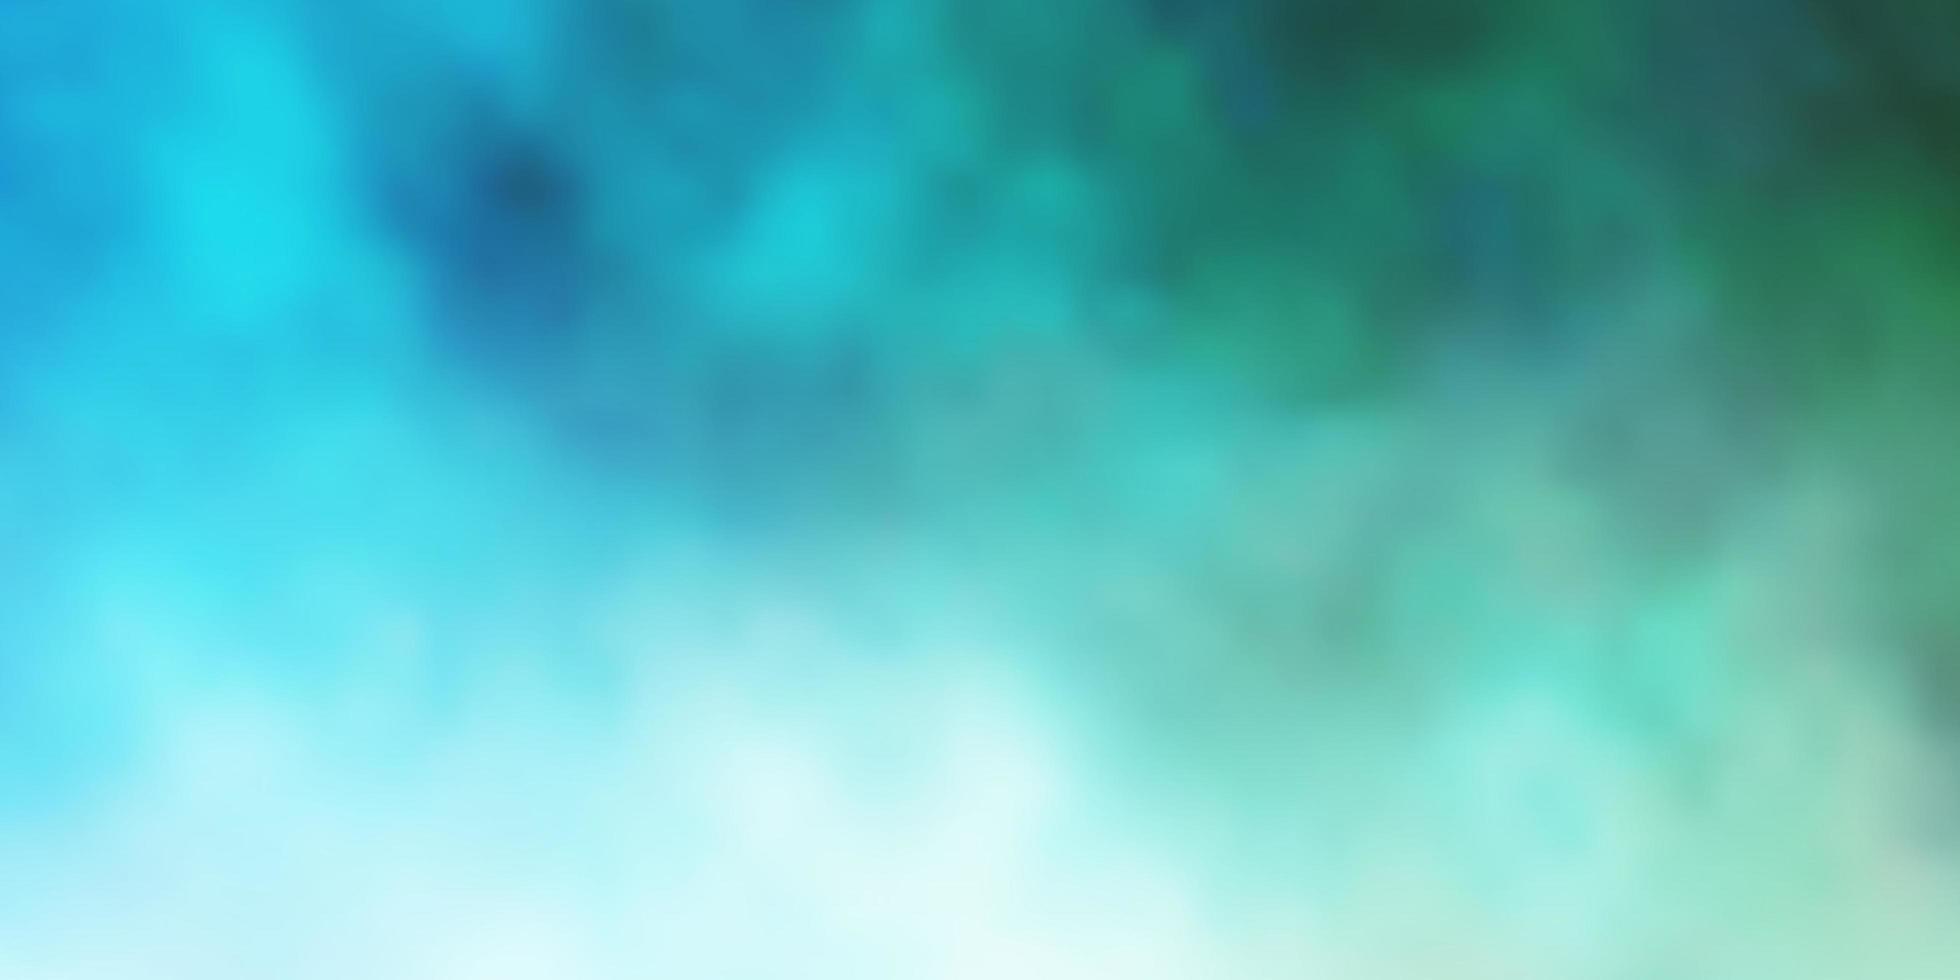 ljusblå, grön vektorstruktur med molnig himmel. vektor